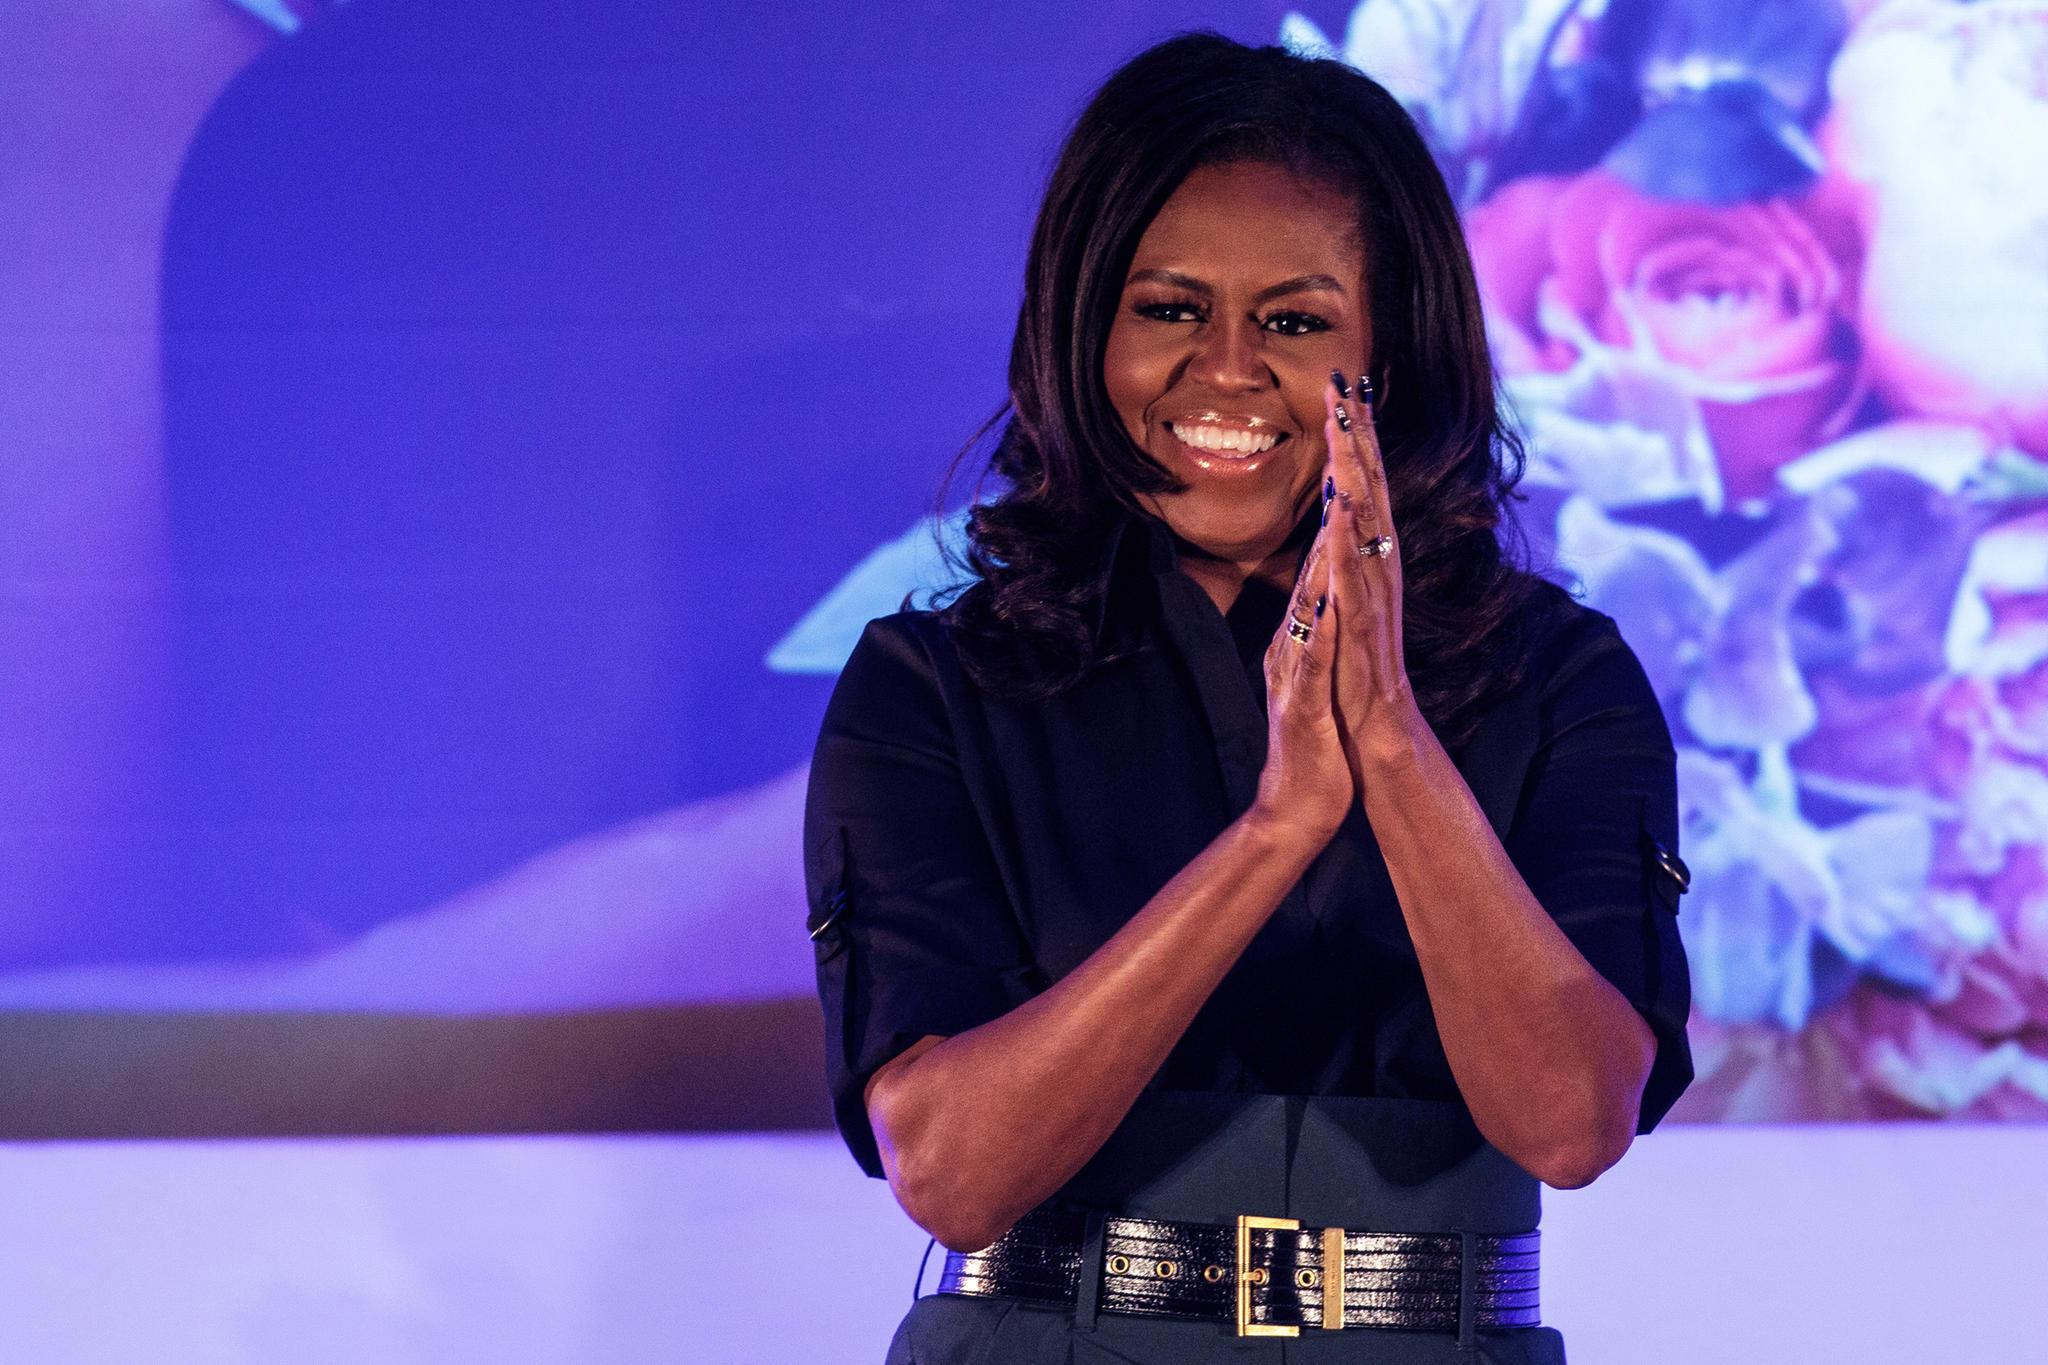 Michelle Obama als Schulmädchen: Dieses süße Kinderfoto versteckt eine Botschaft 